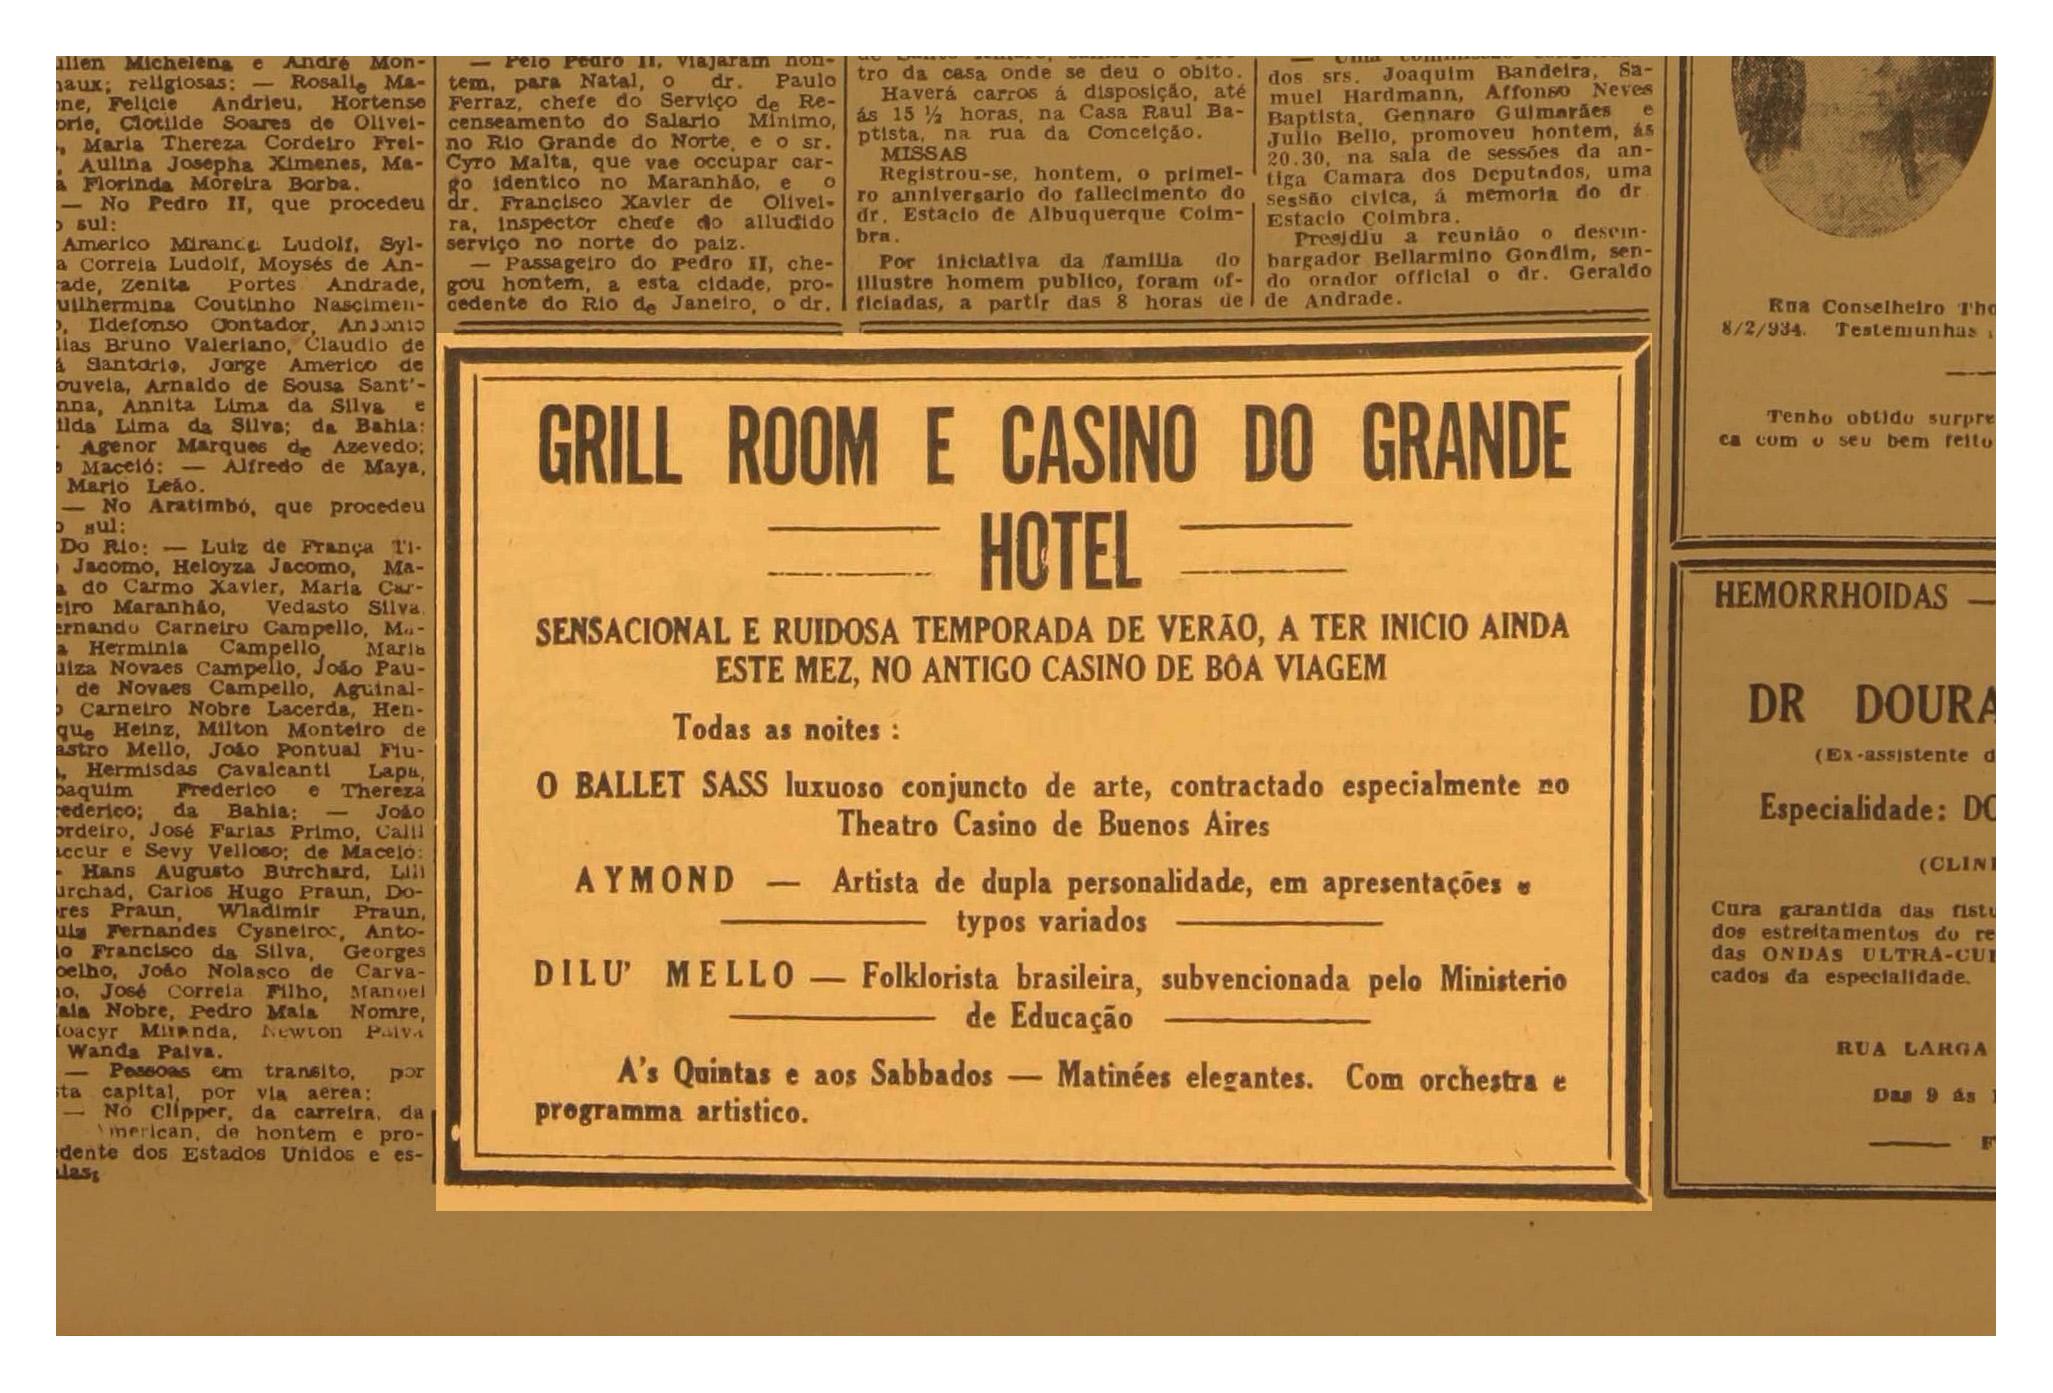 Noberto-1938-11-10_DiárioDaManhã_Recife-PE-2-copy1.jpg